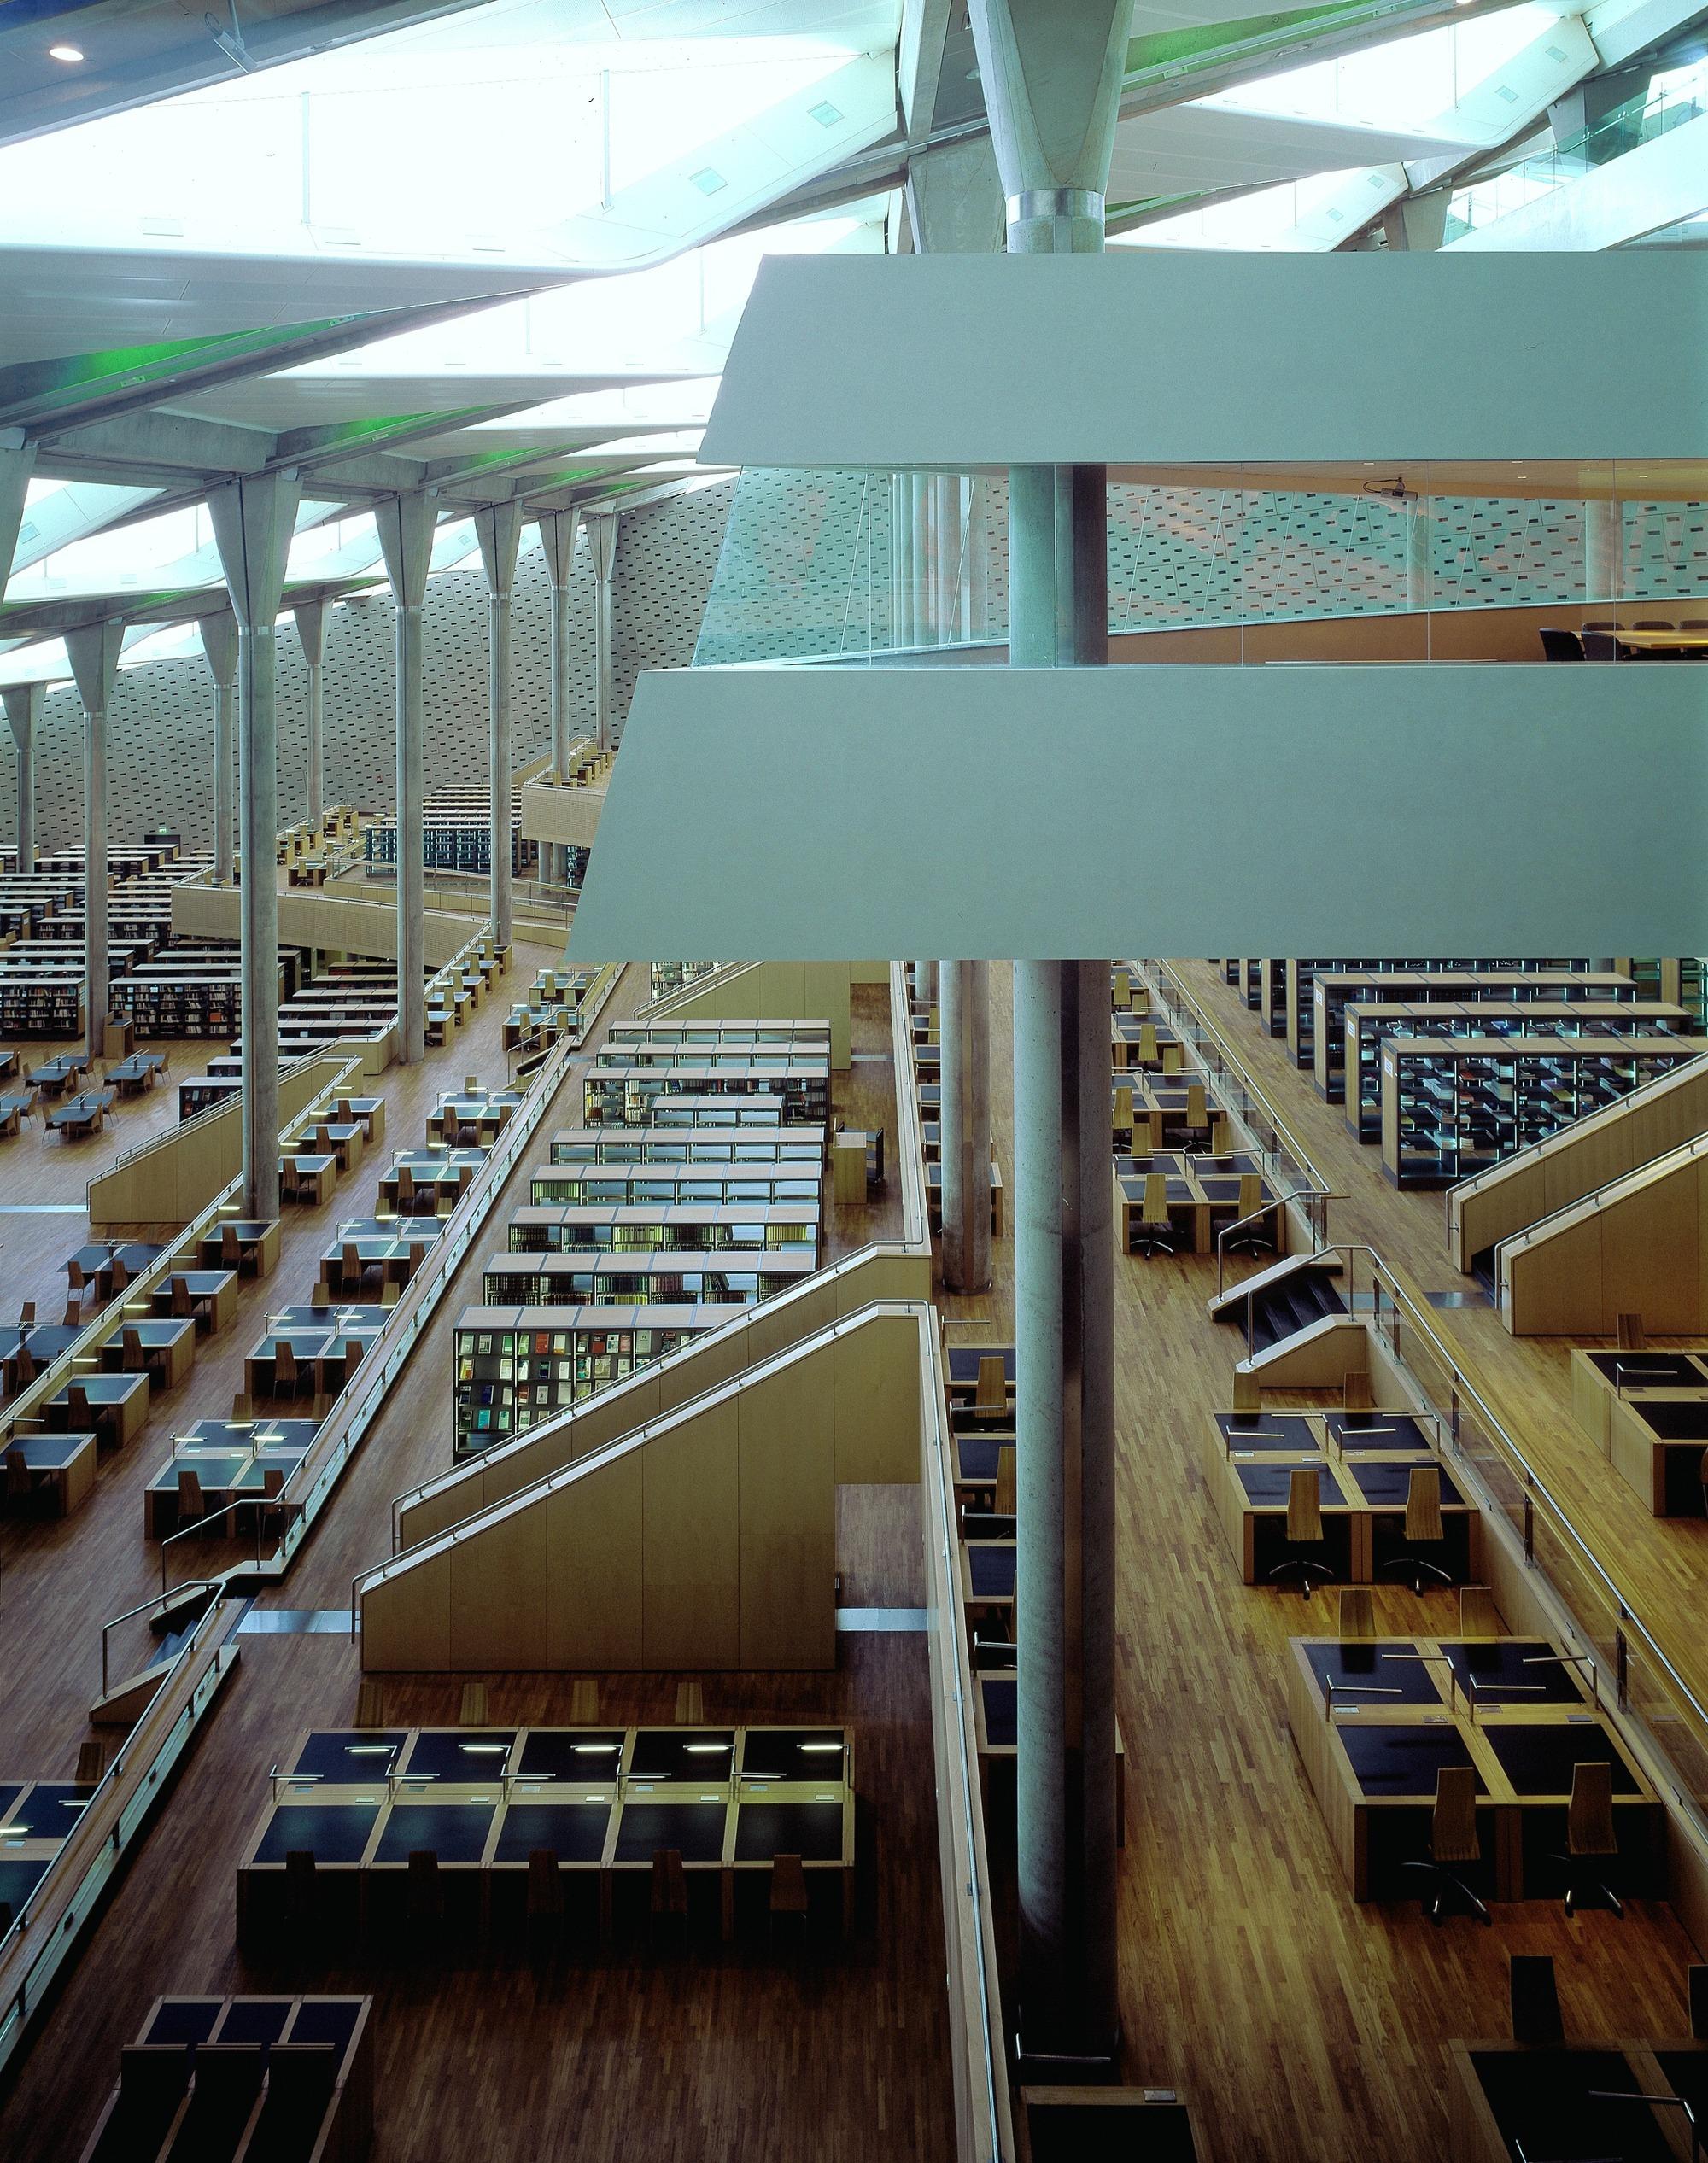 bibliotheca-alexandrina-snoehetta-05